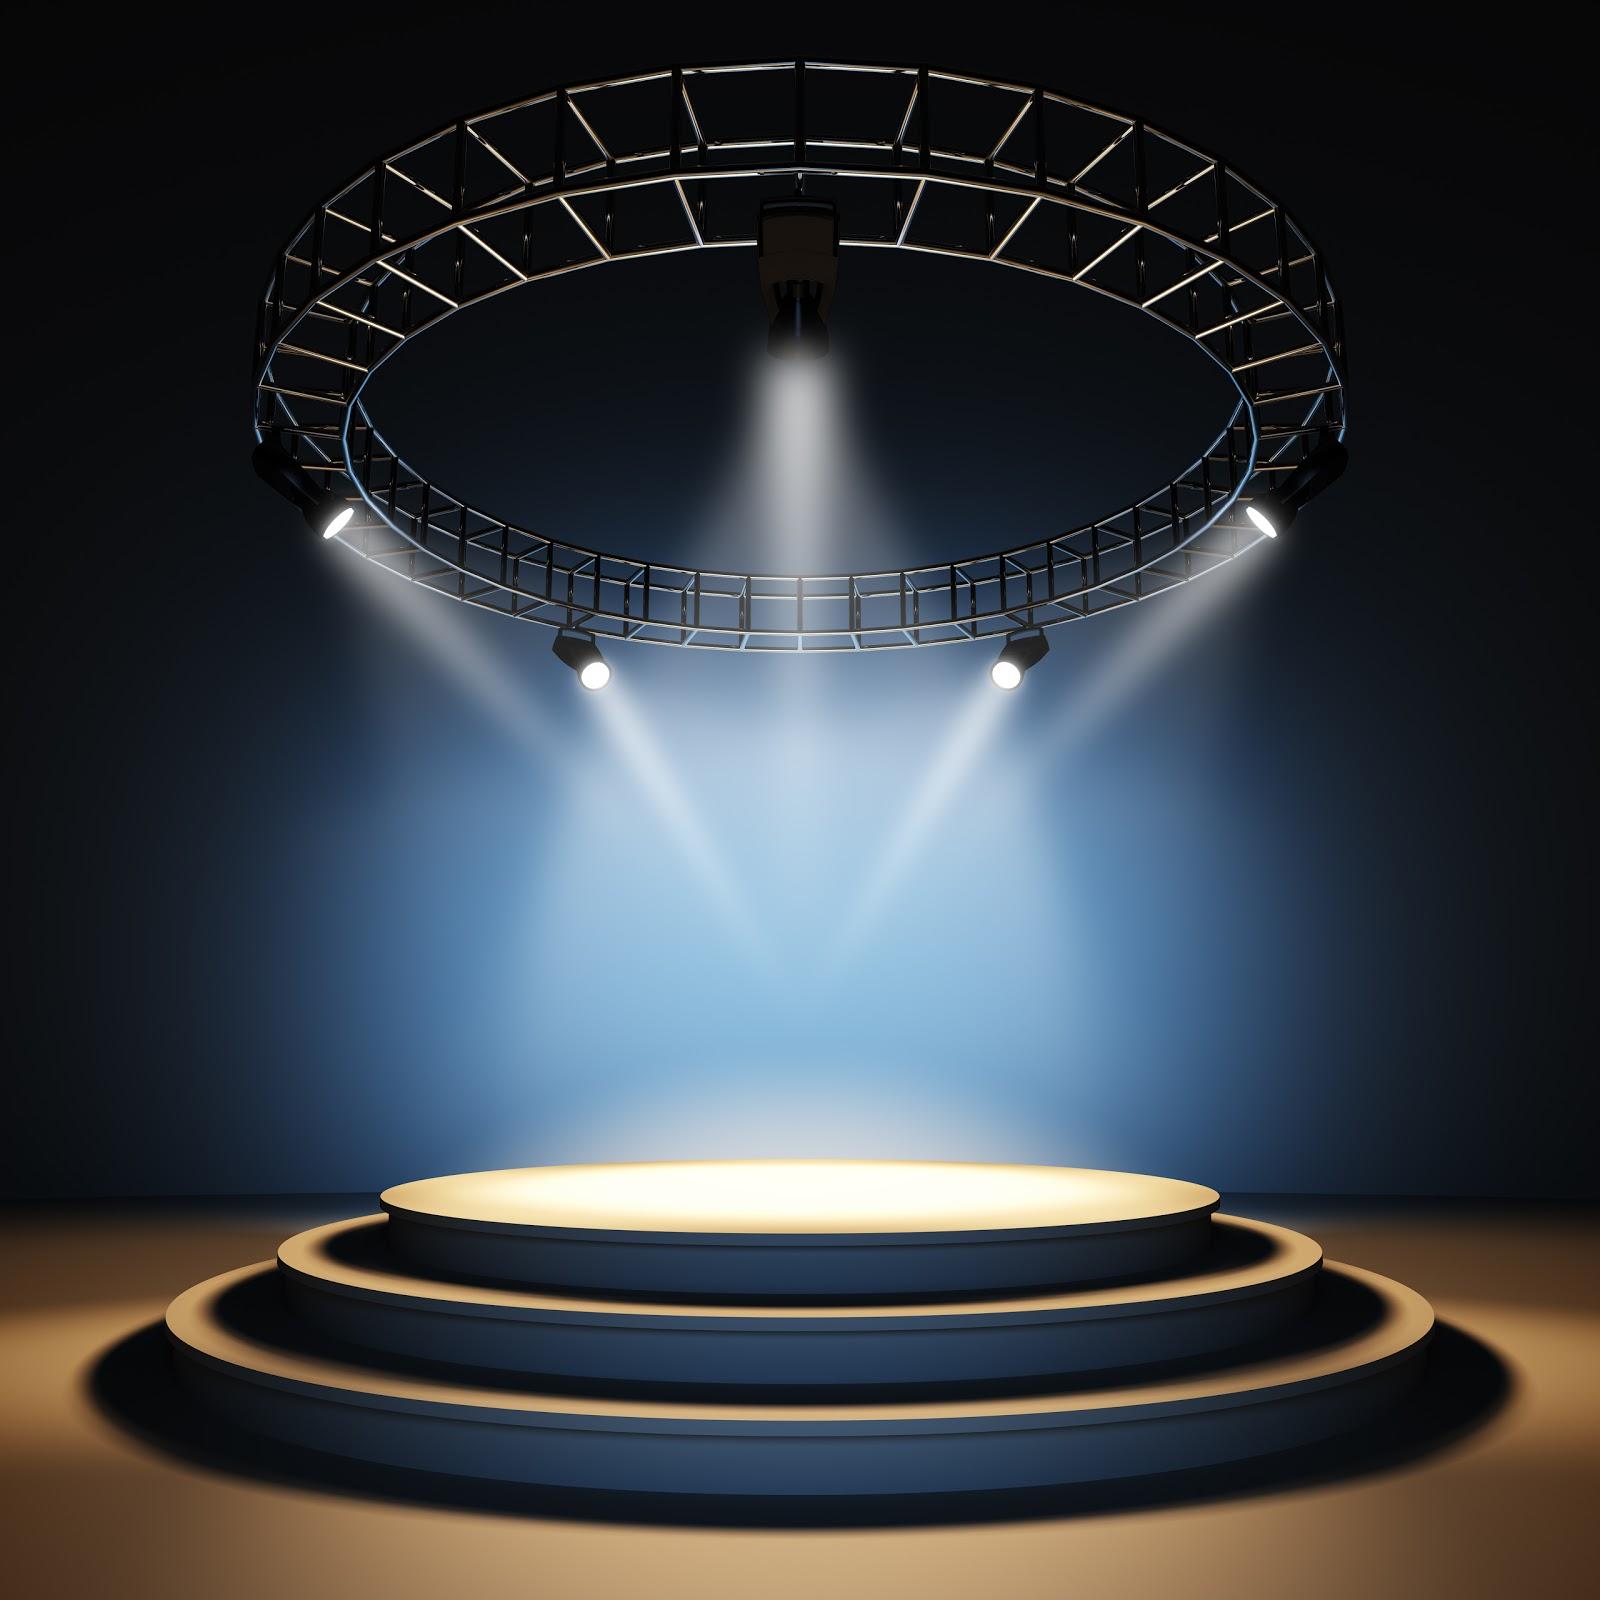 Cenários Jpg para montagens | Imagens Png fundo transparente grátis